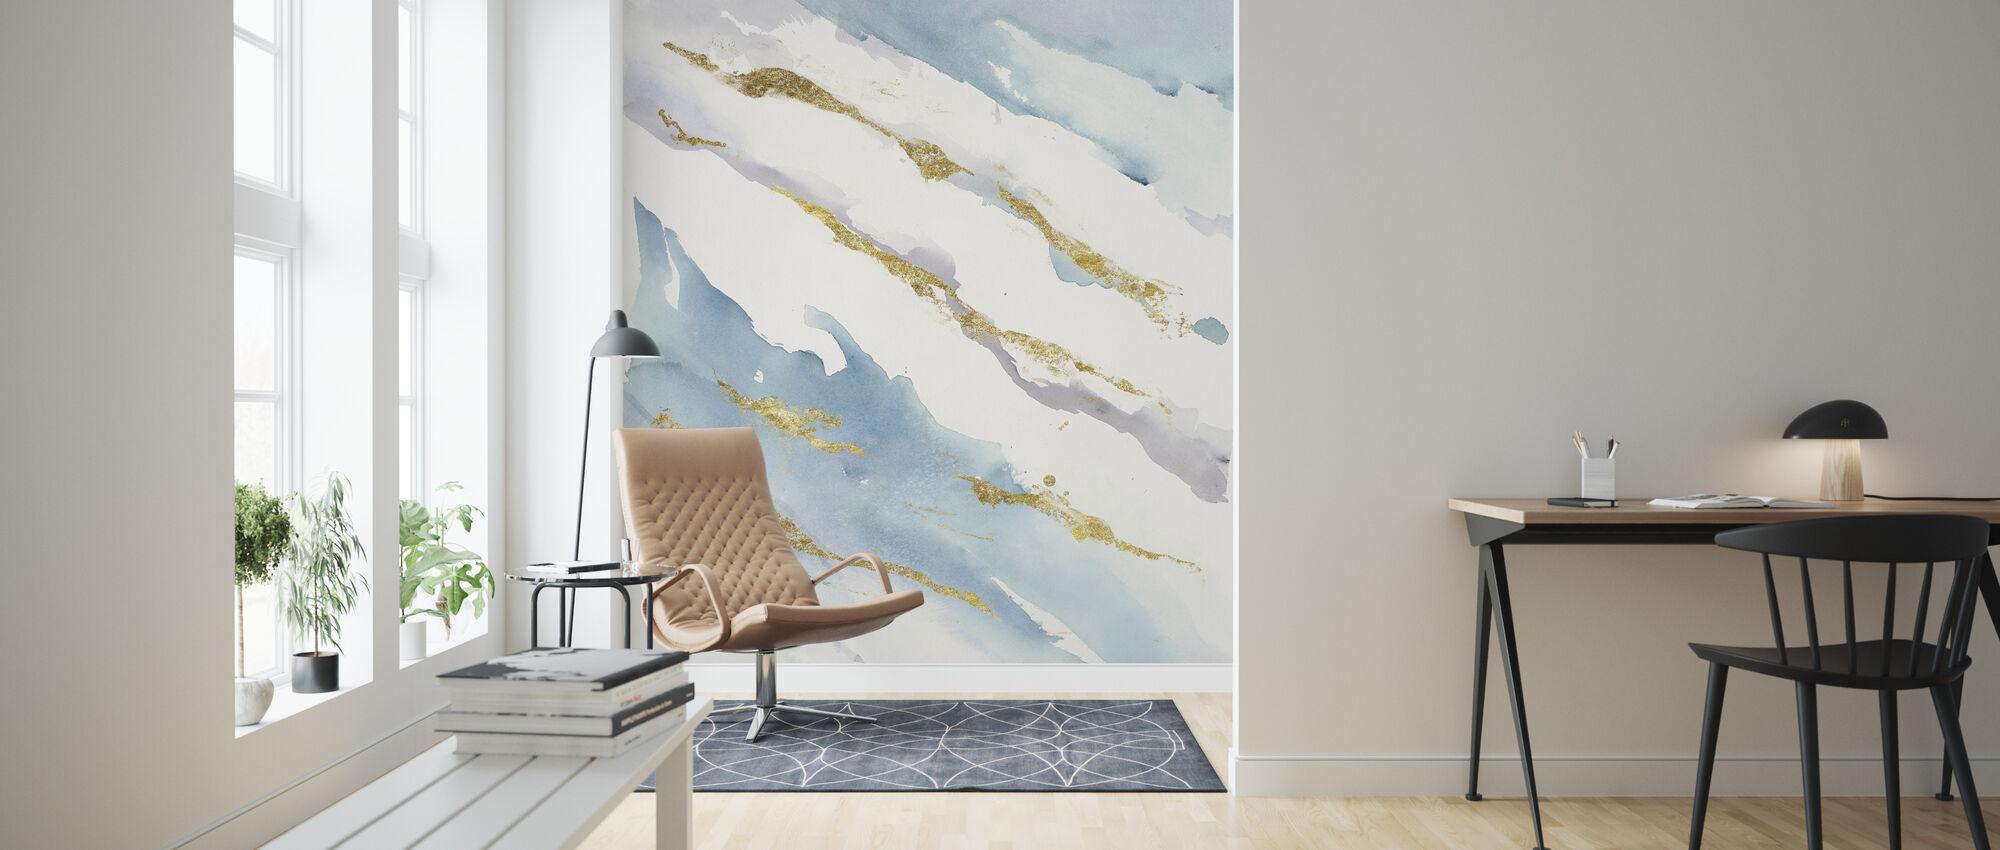 Drift v2 - Wallpaper - Living Room